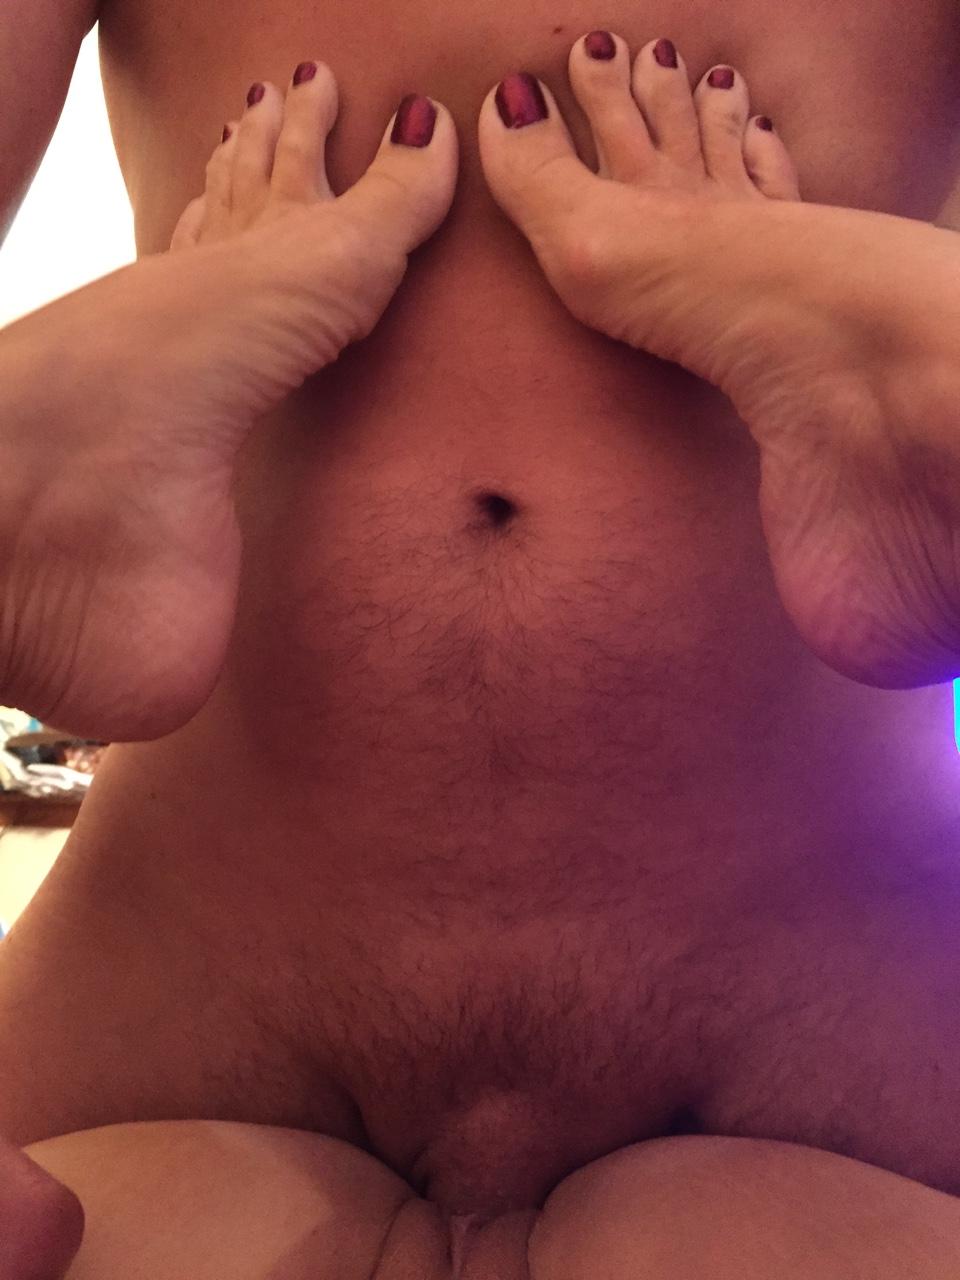 Female Pov Porn with female pov vr porn videos - vr girl pov sex   sexlikereal